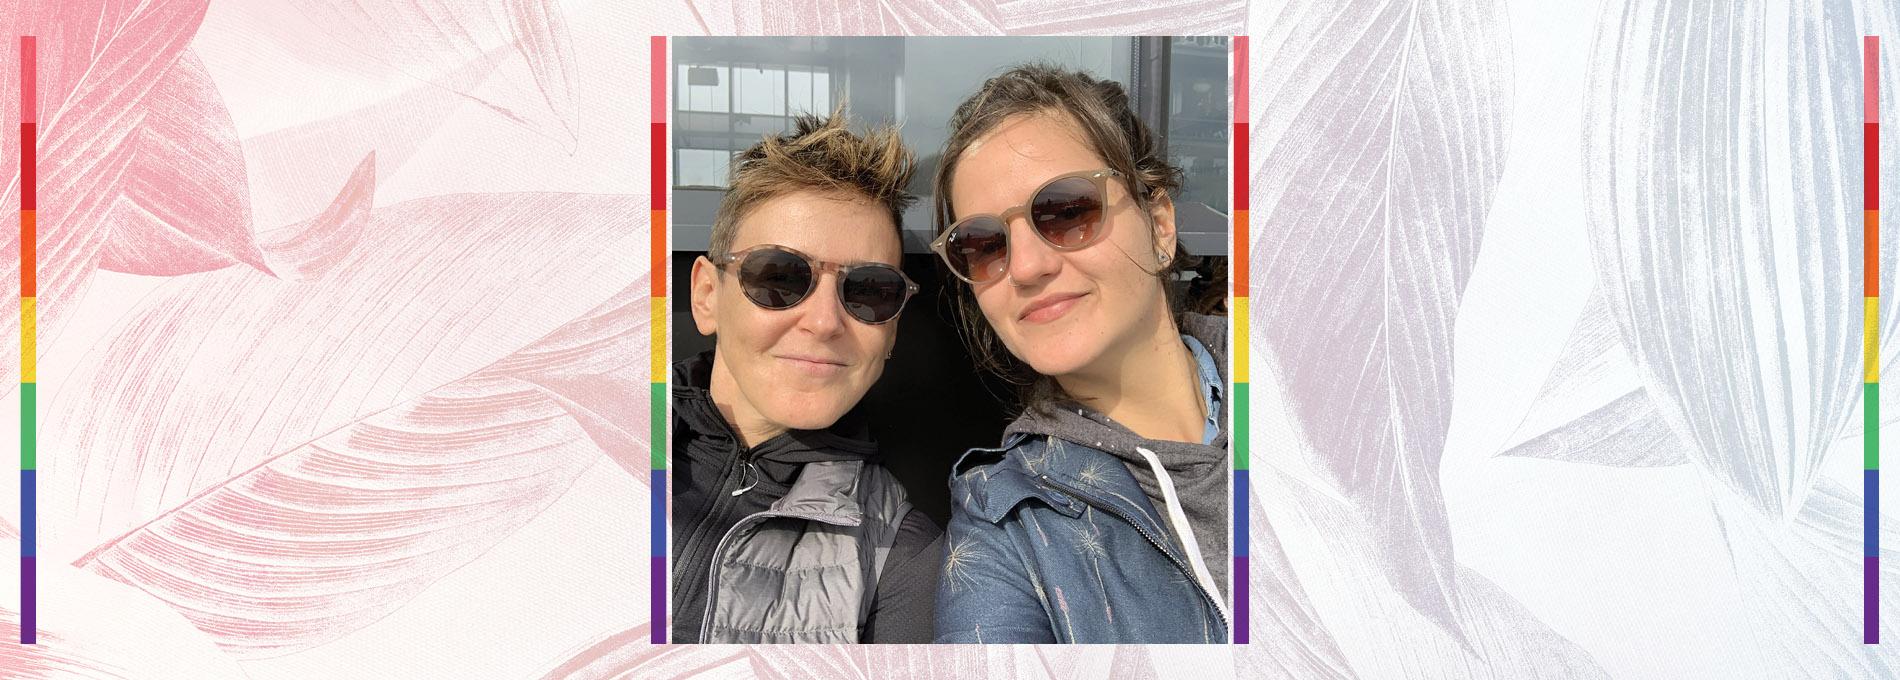 Você já pensou sobre a bissexualidade e a bifobia?